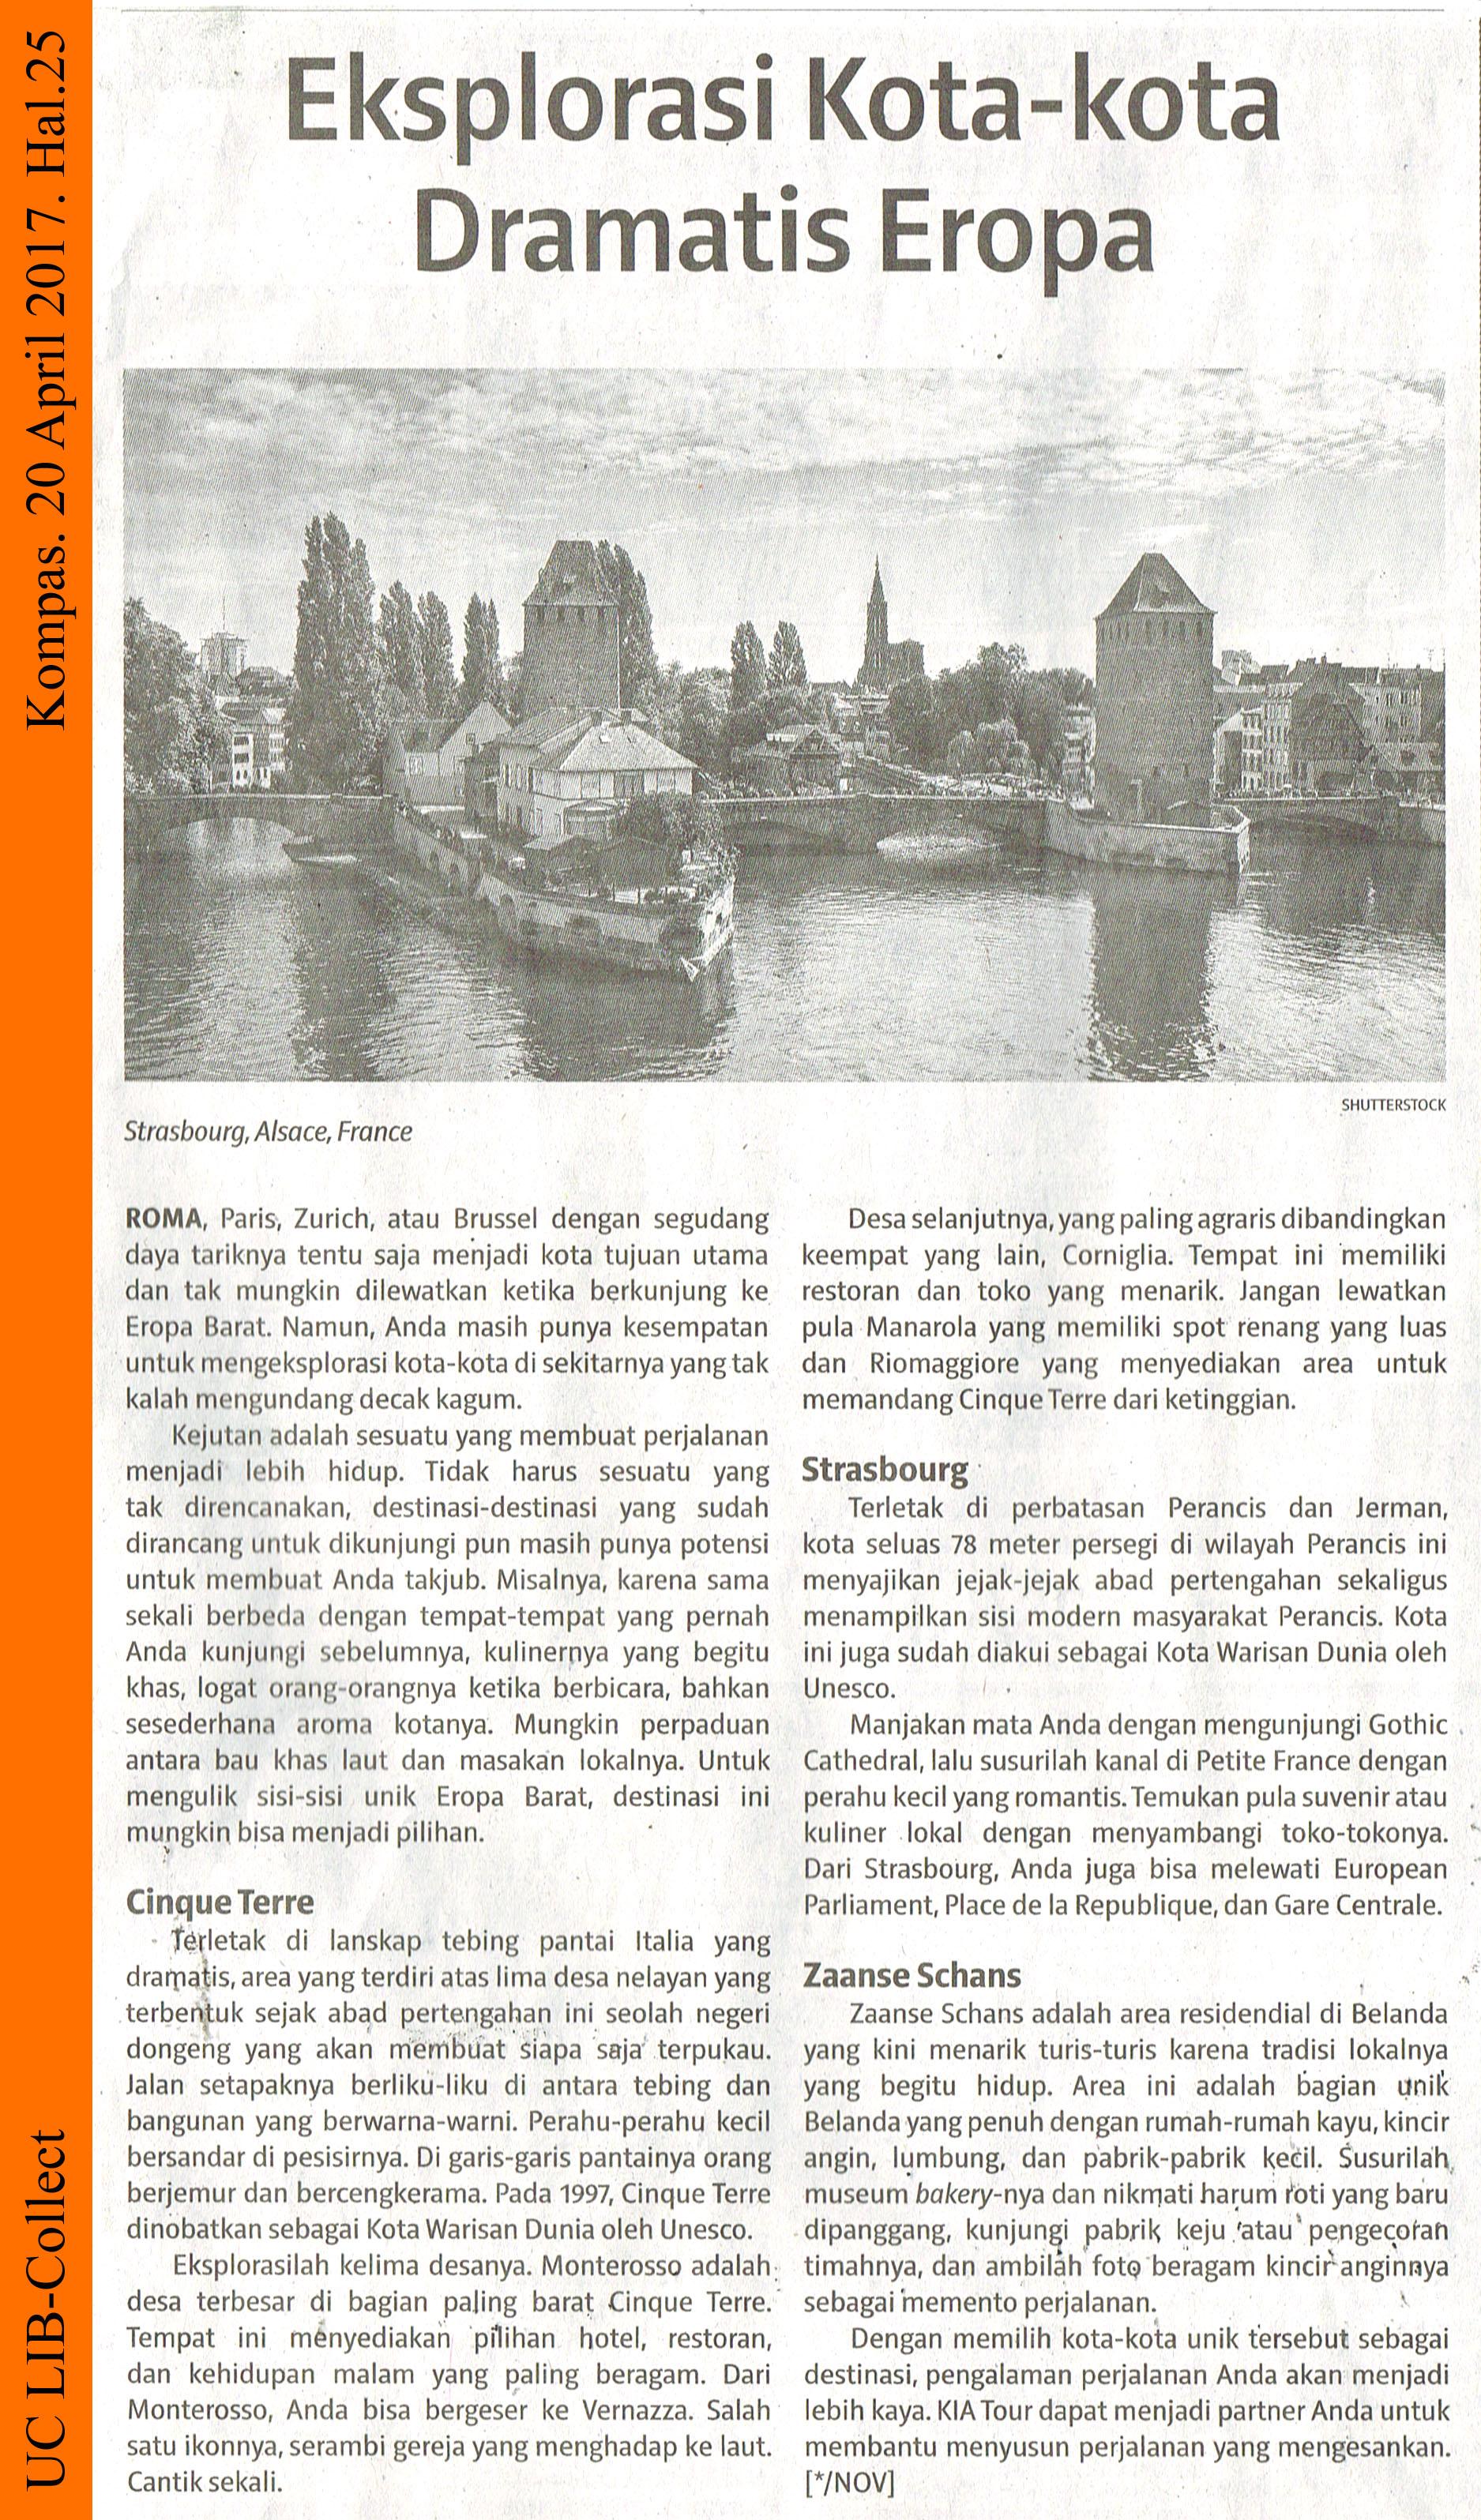 Eksplorasi Kota-Kota Dramatis Eropa. Kompas. 20 April 2017. Hal.25